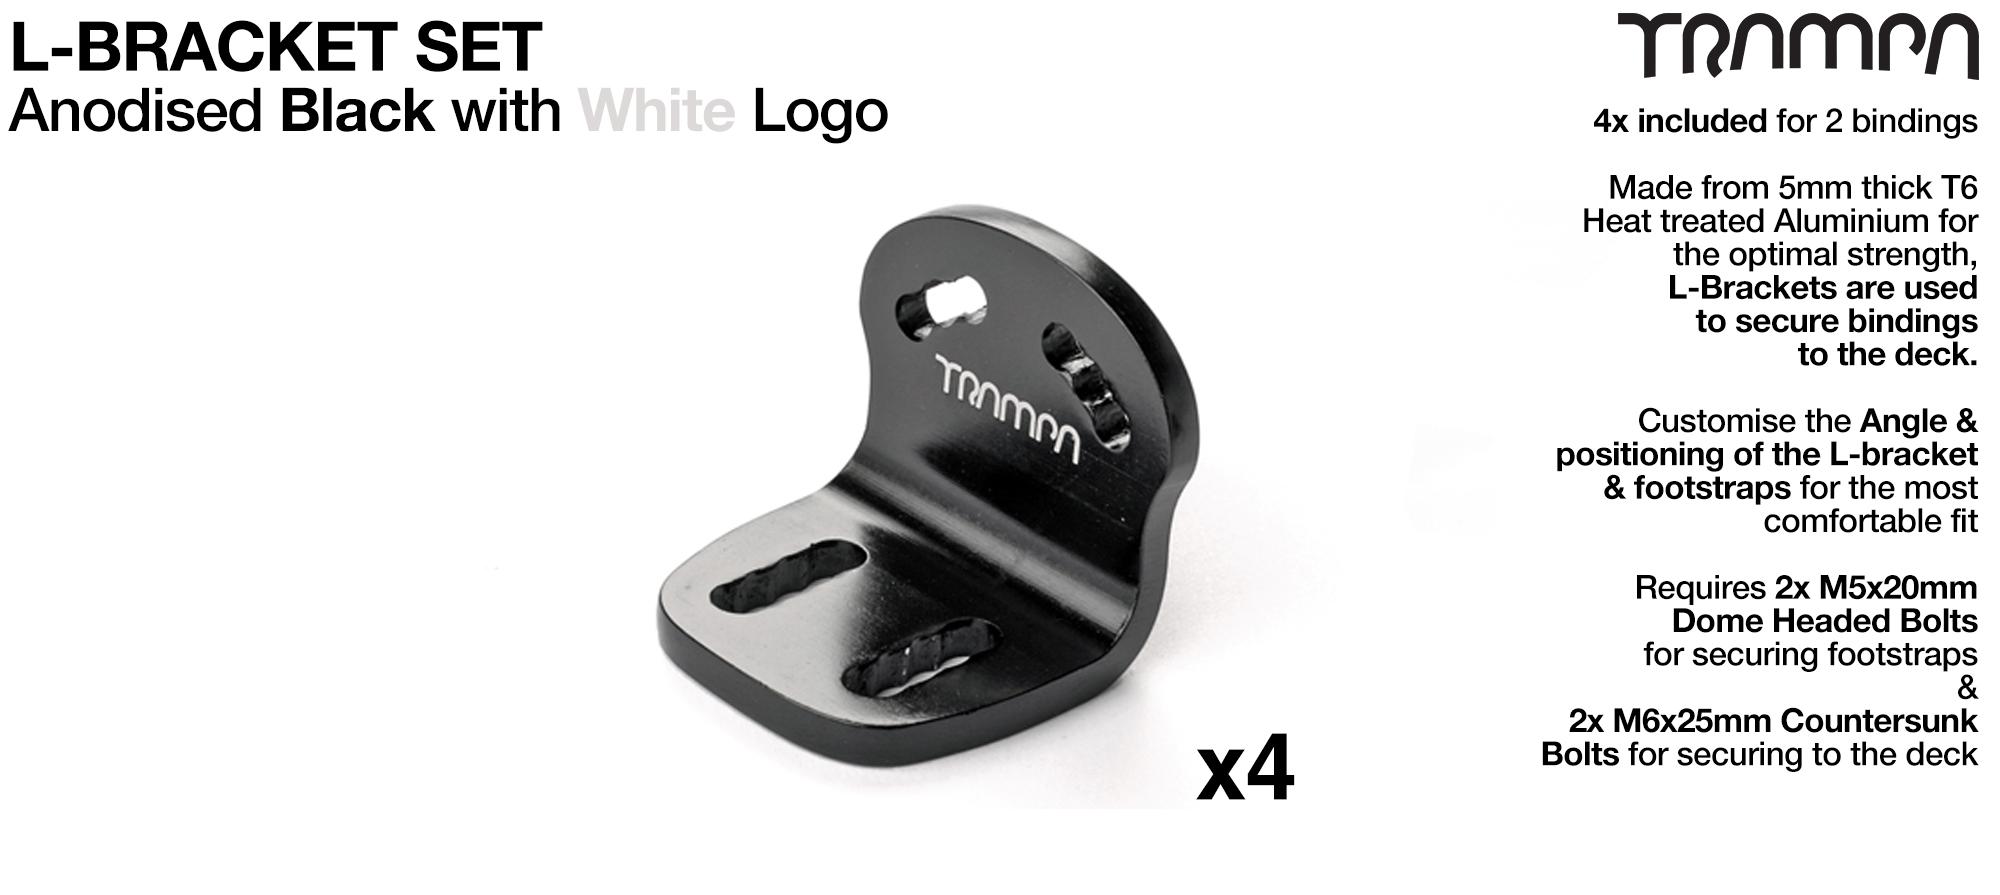 Black anodized with Laser logo L Bracket x 4